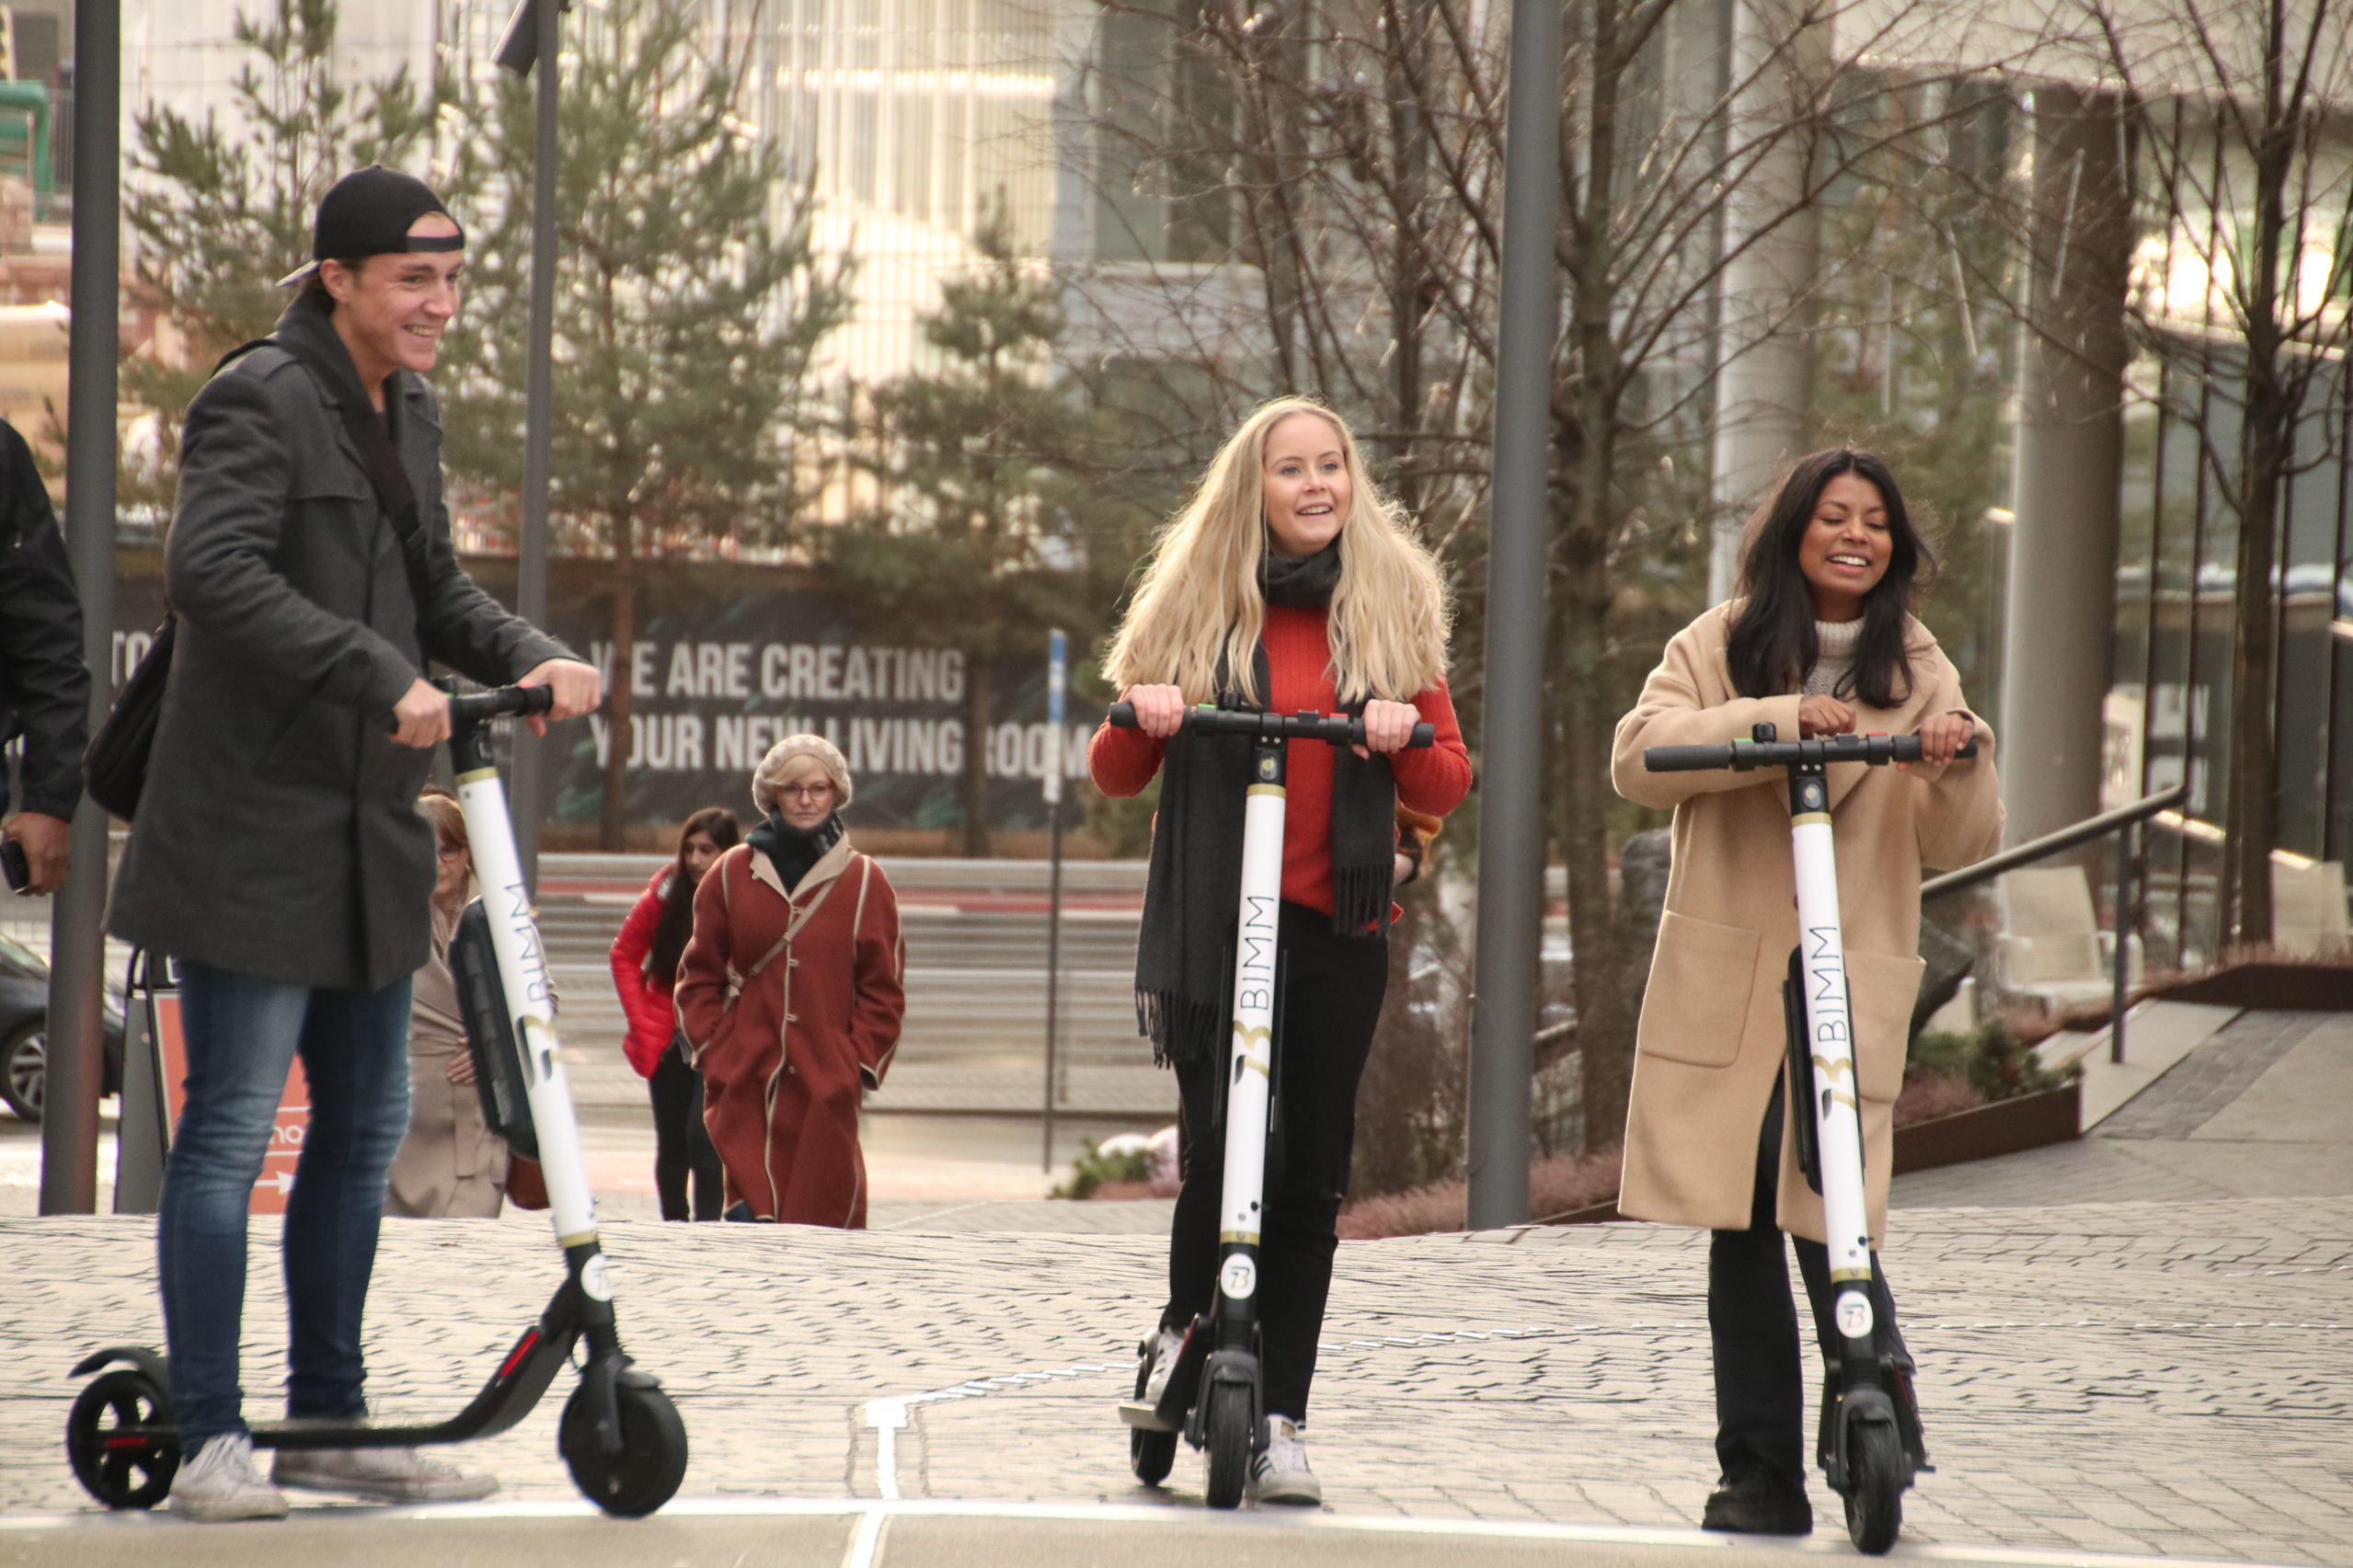 Ukens gründercase: Går globalt med personlig tilpasset scooter